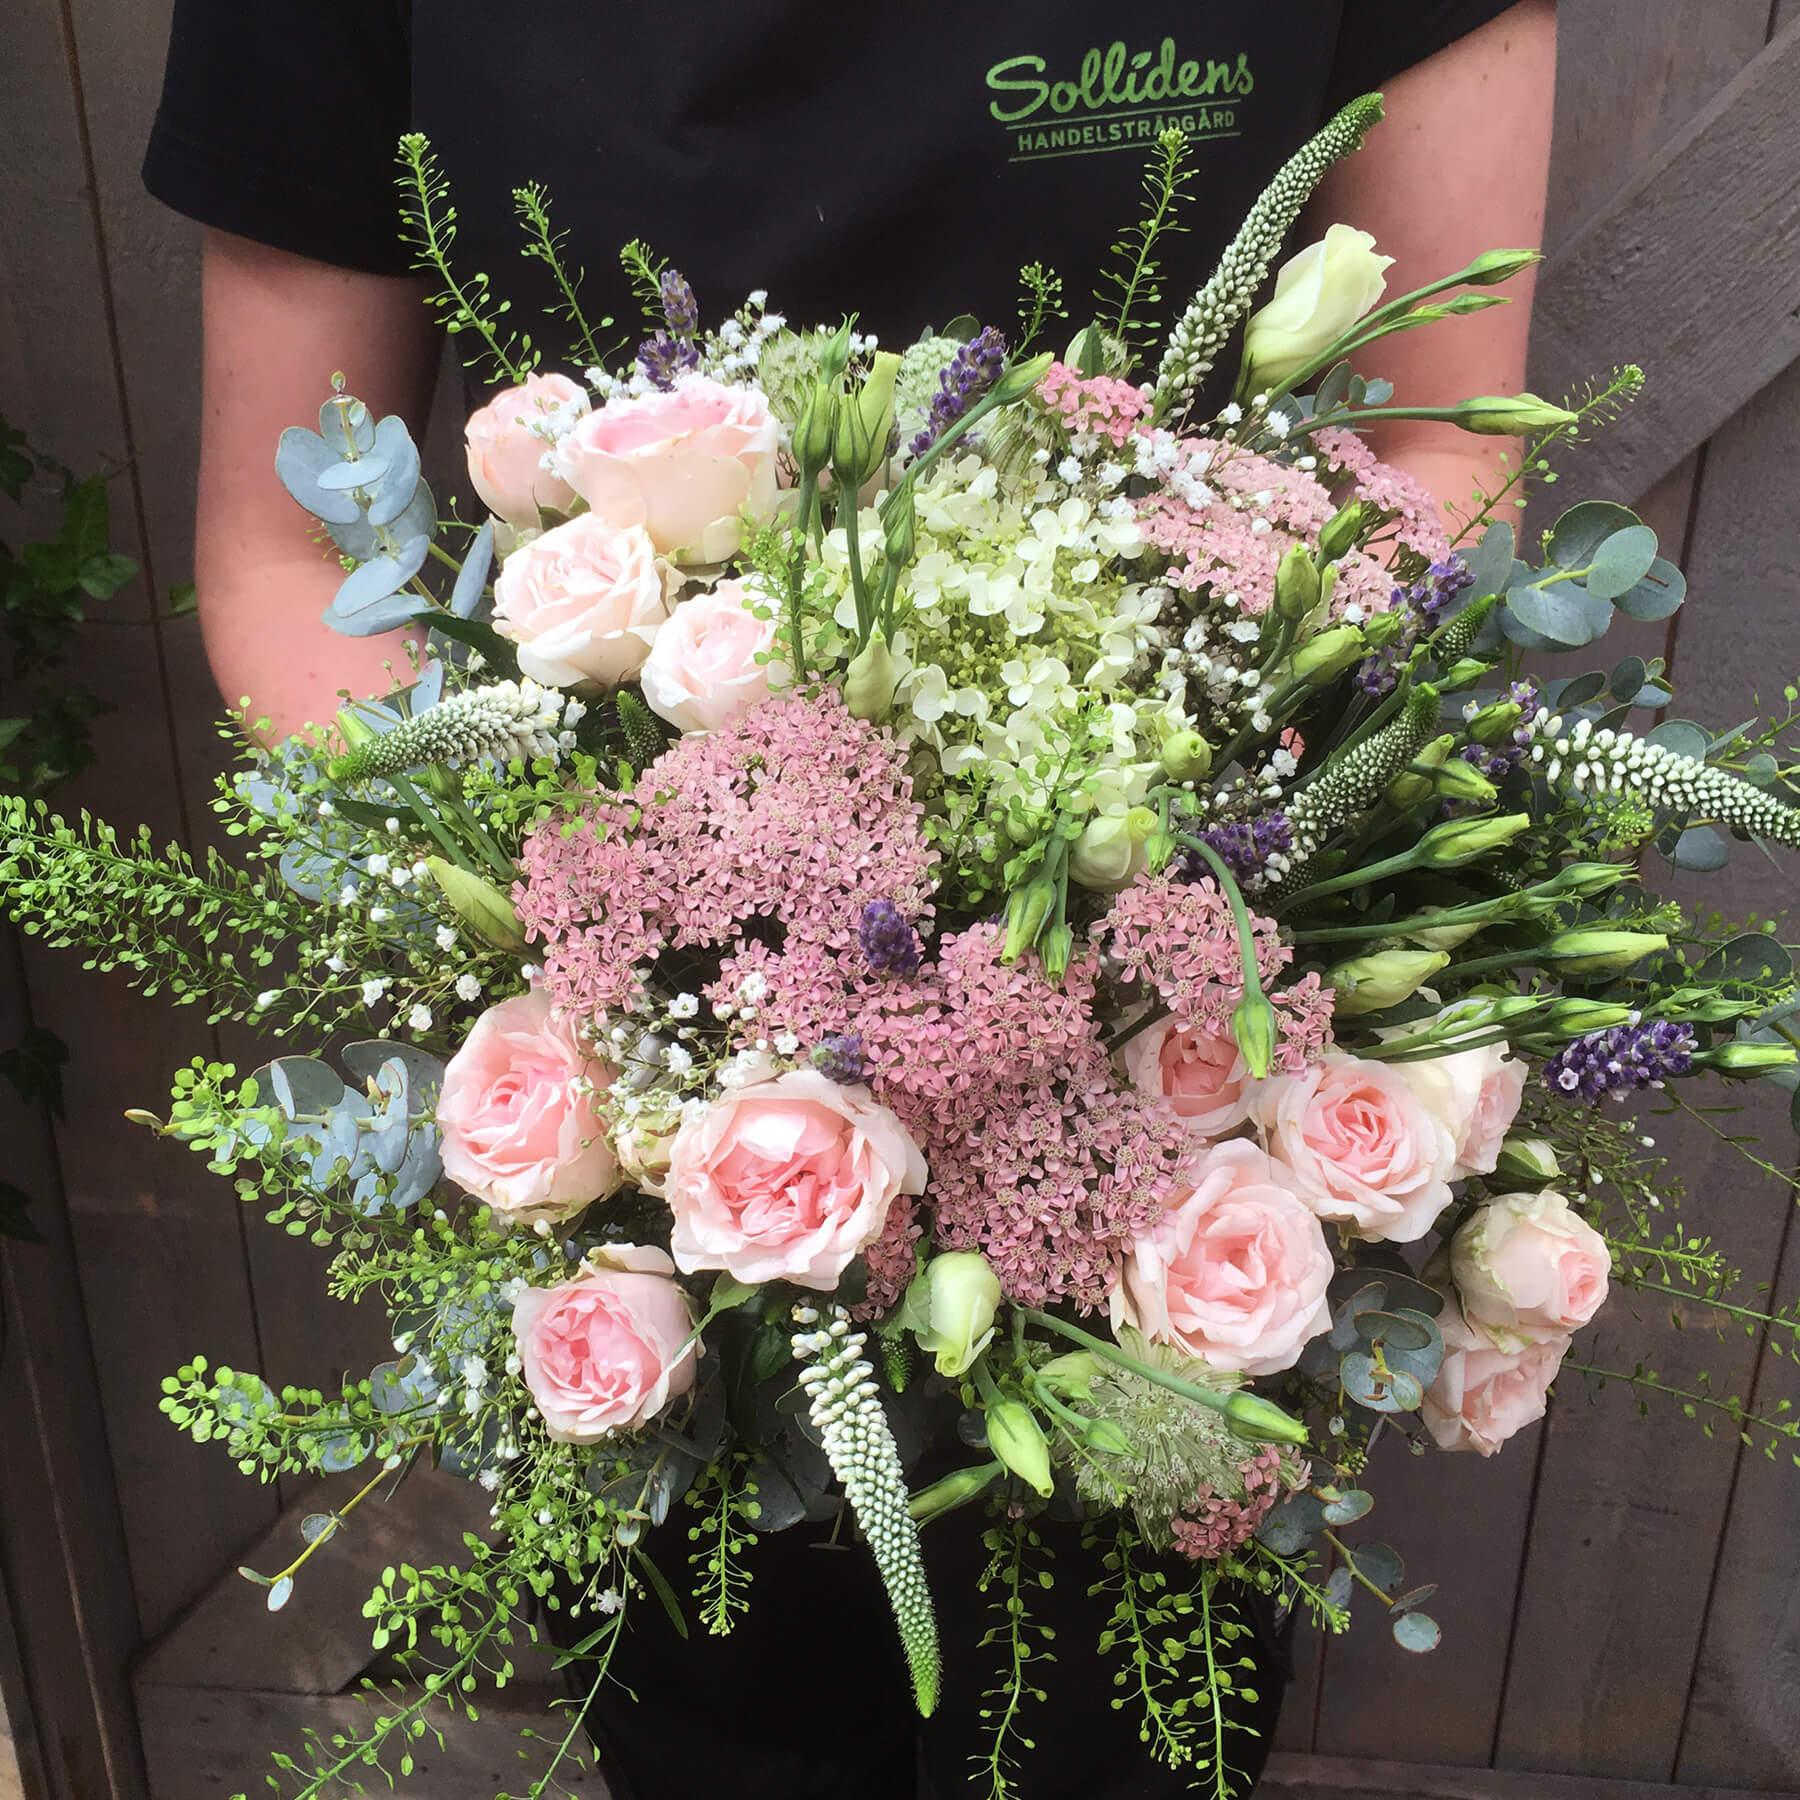 Bukett i vild och yvig stil. Ljusa rosa nyanser blandas med vitt, blått och grönt.